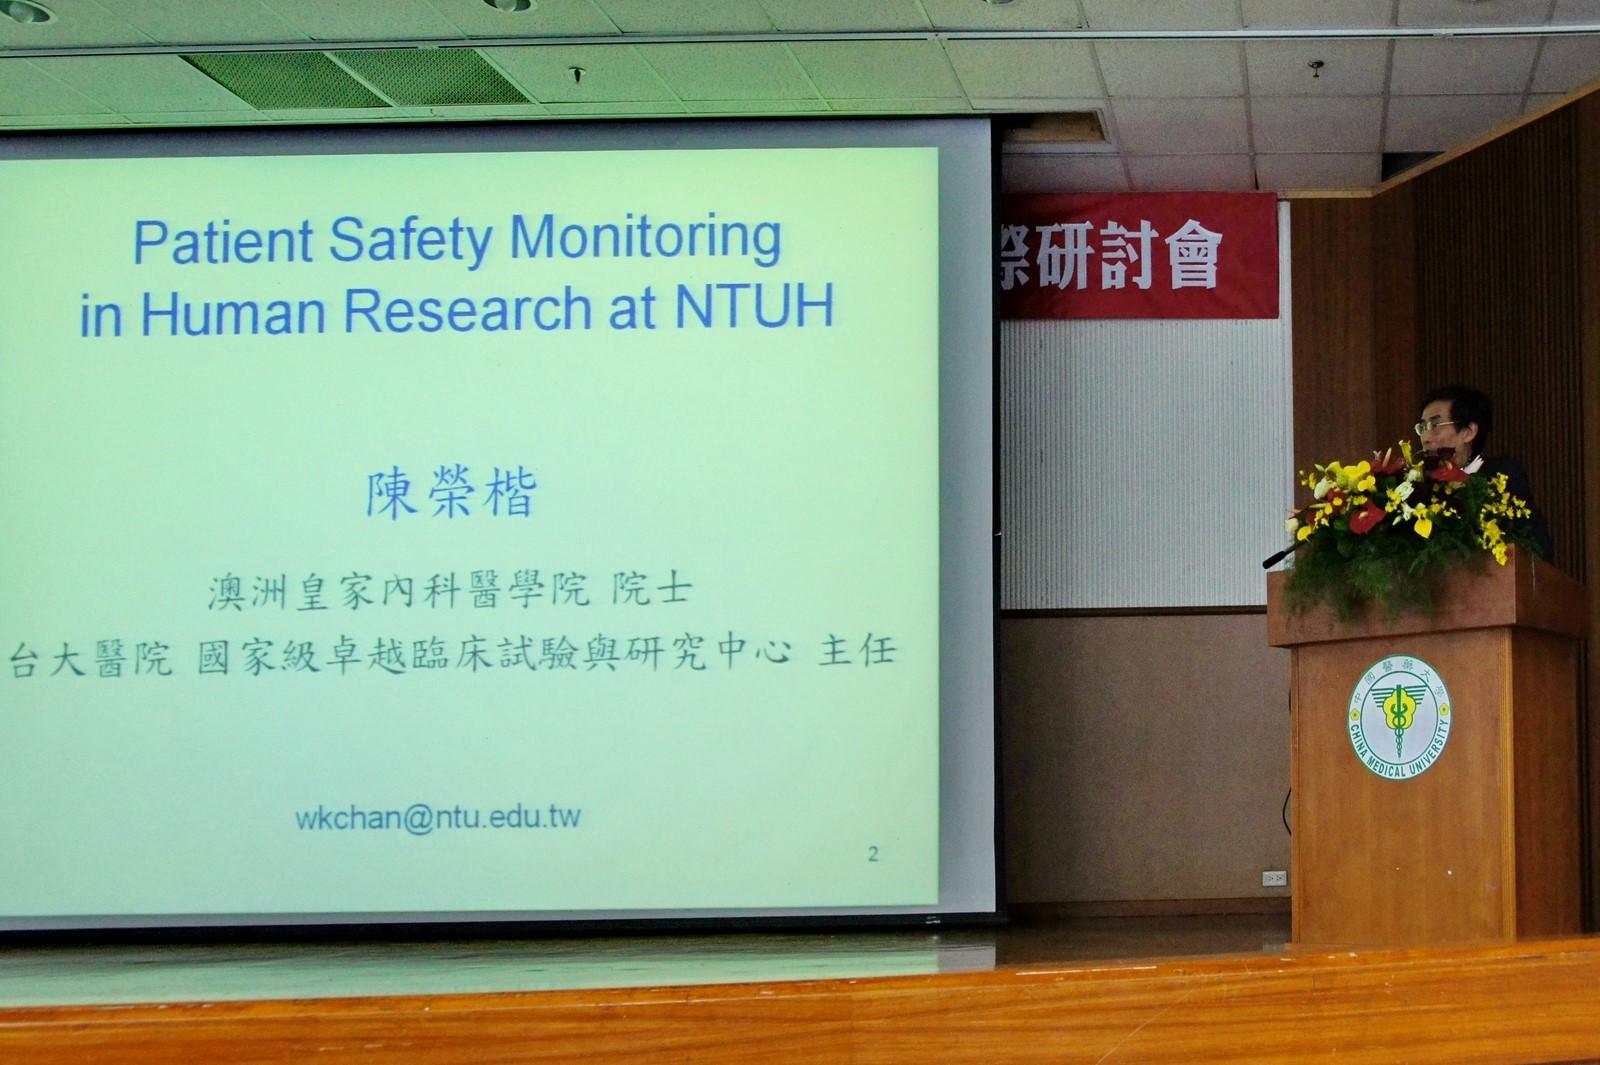 長庚分子影像 - 2010 臨床試驗受試者安全之新進展國際研討會